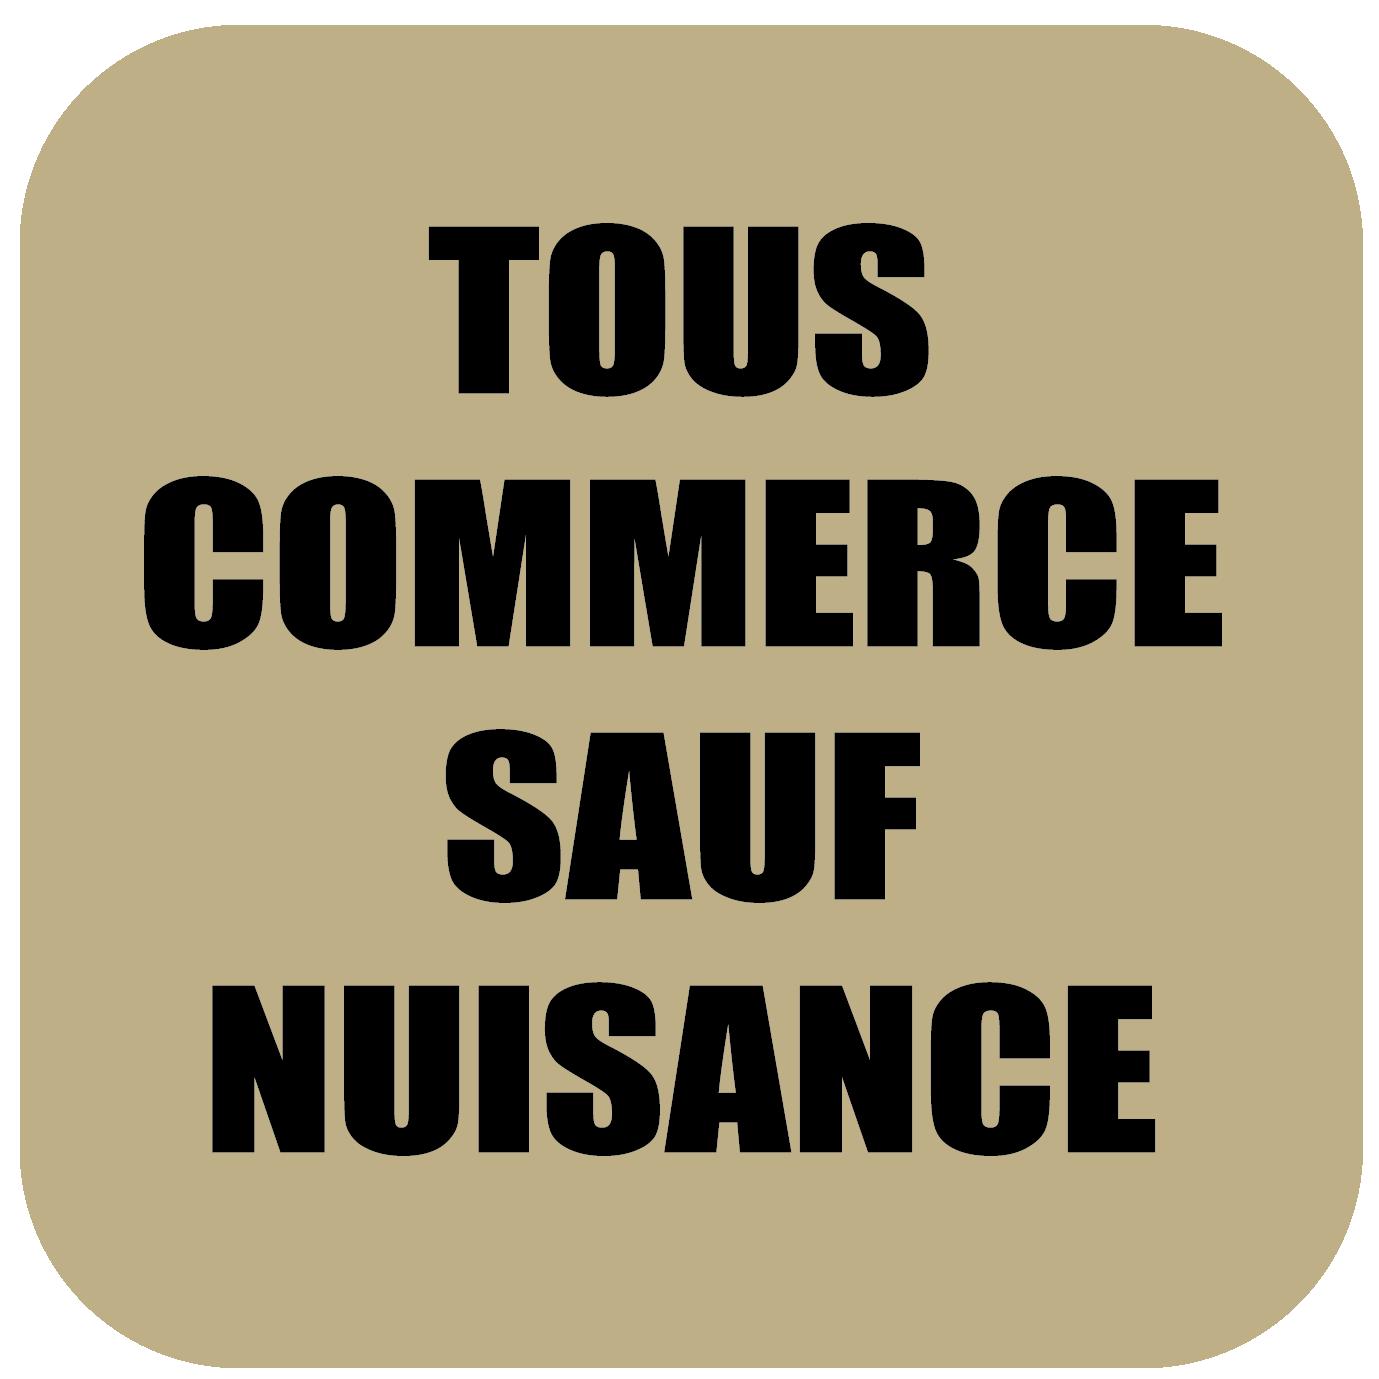 Tous commerces sauf nuisance à vendre - 32.0 m2 - 74 - Haute-Savoie